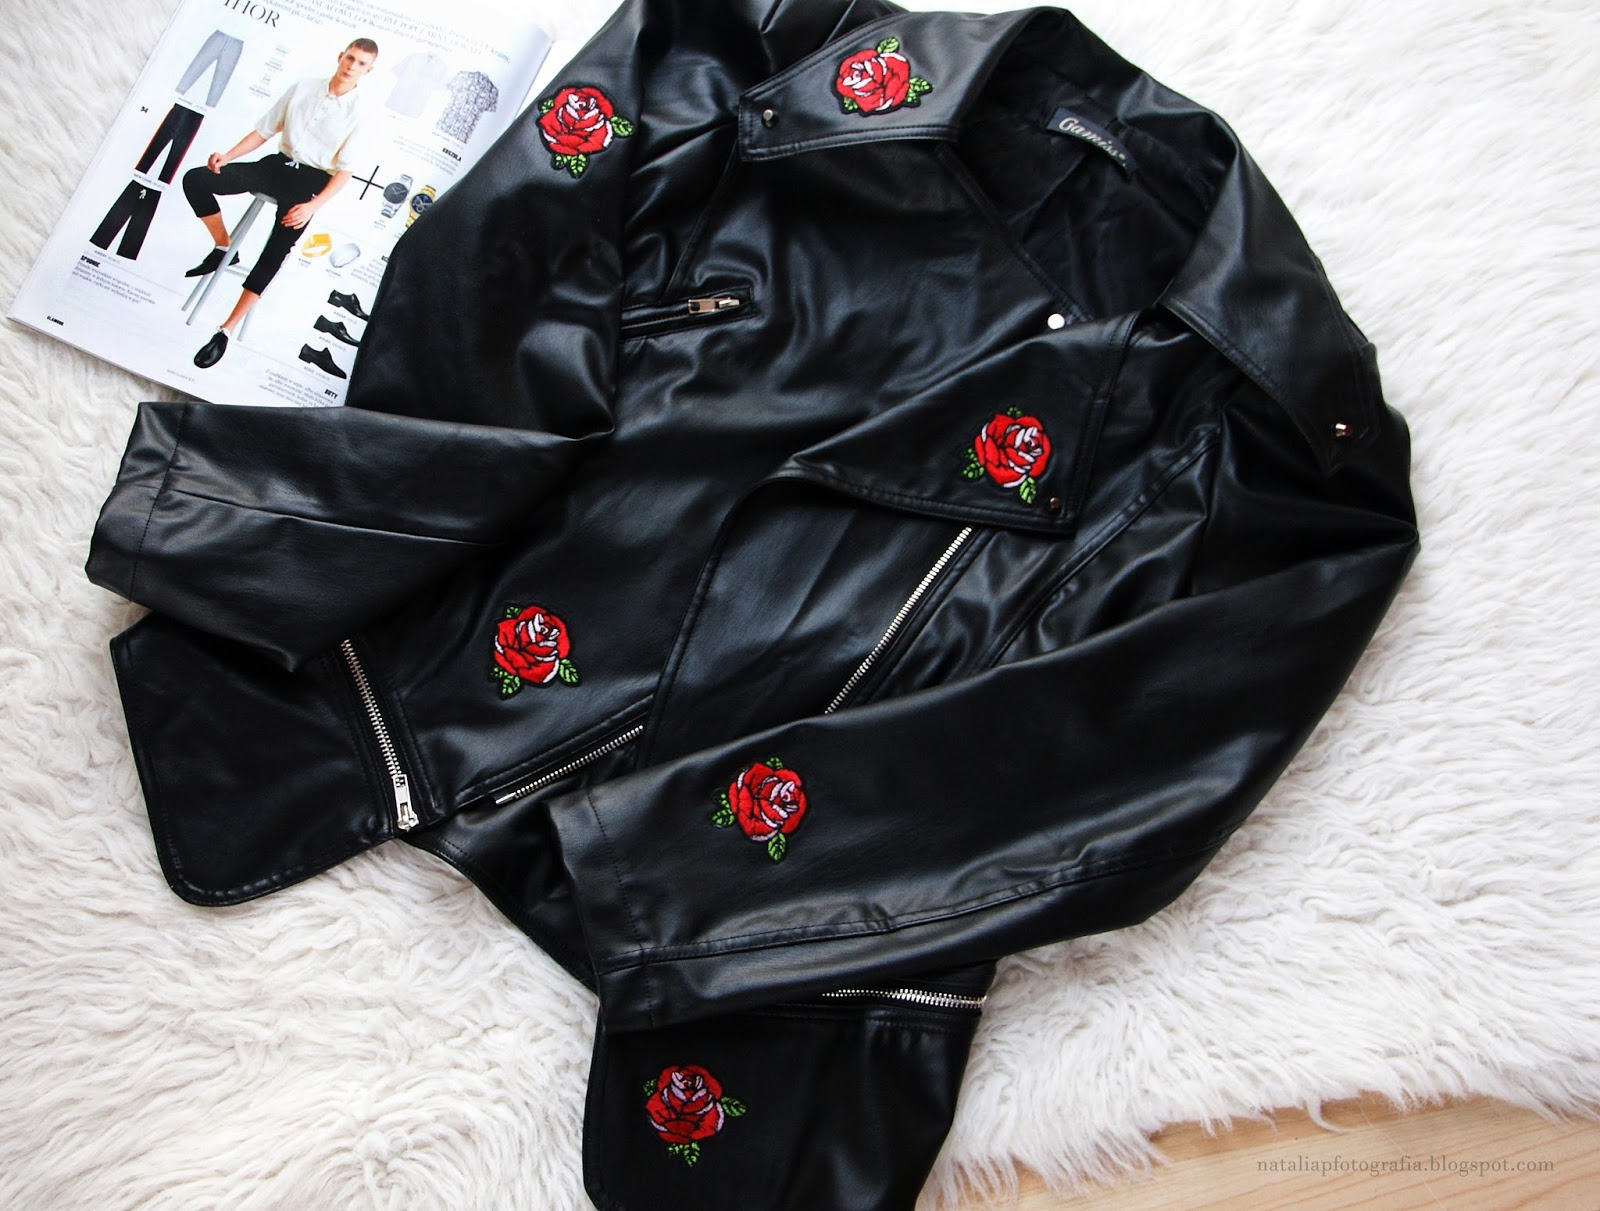 Ubrania z motywem róży | DIY